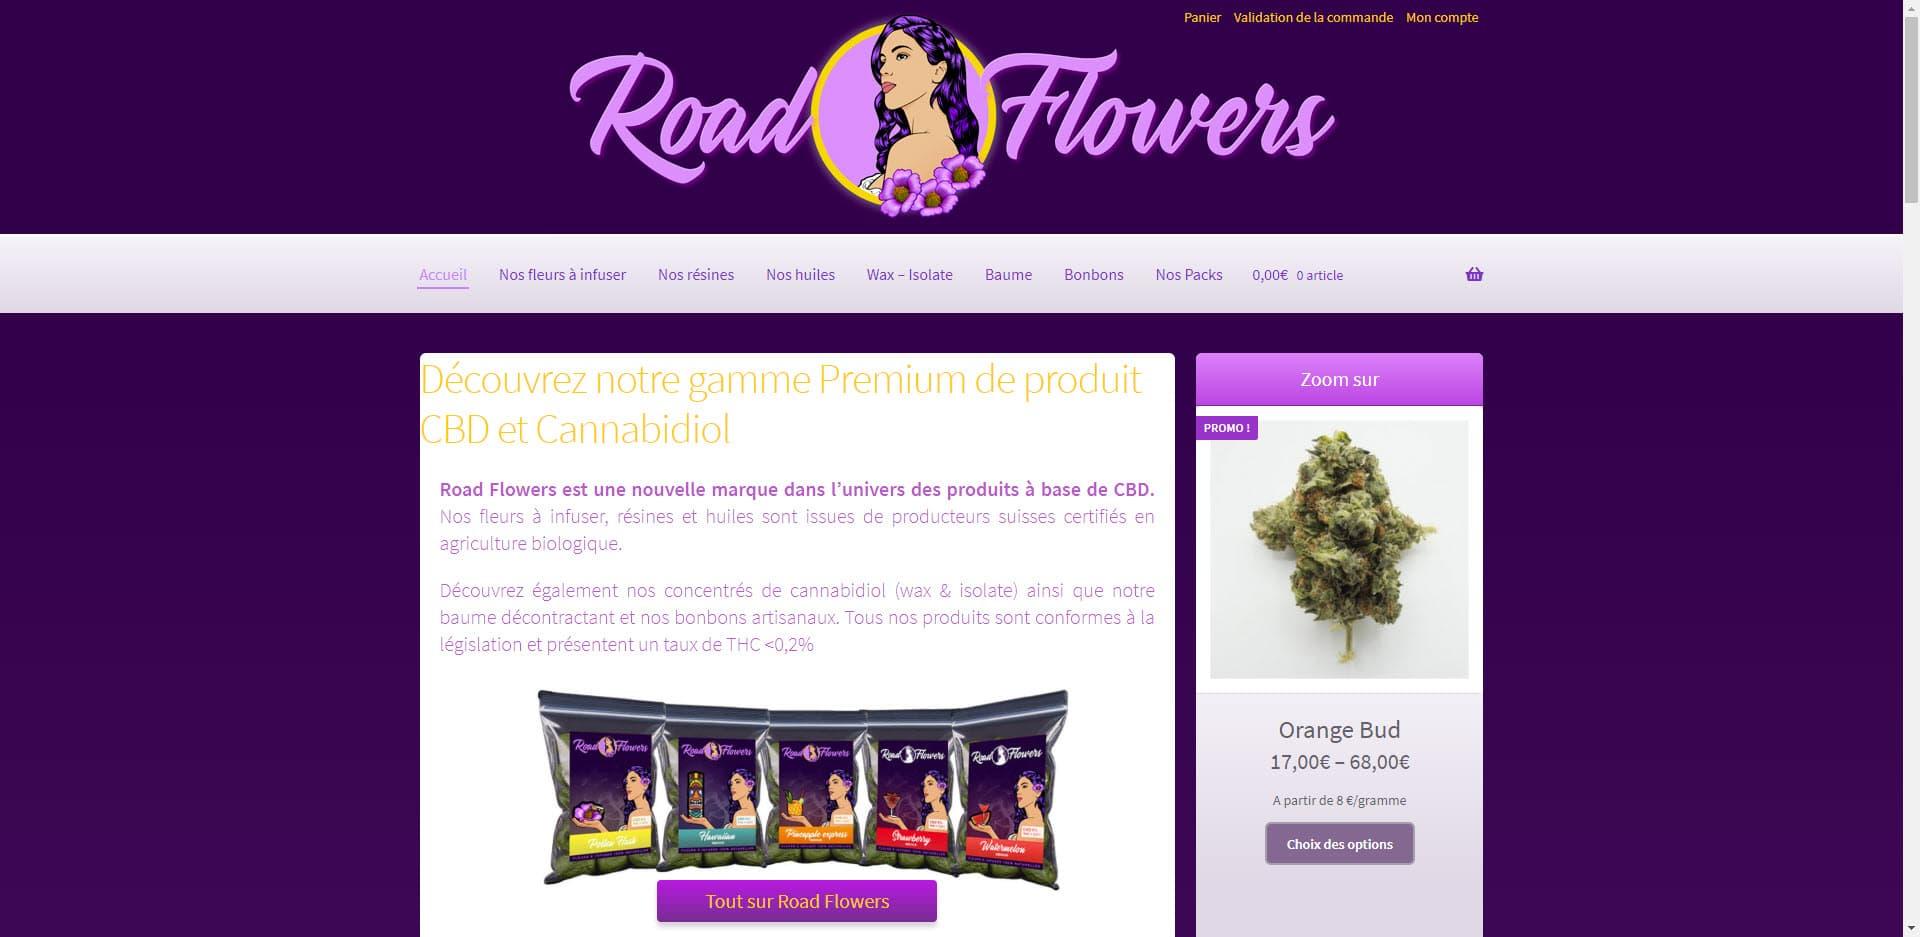 Site Roadflowers